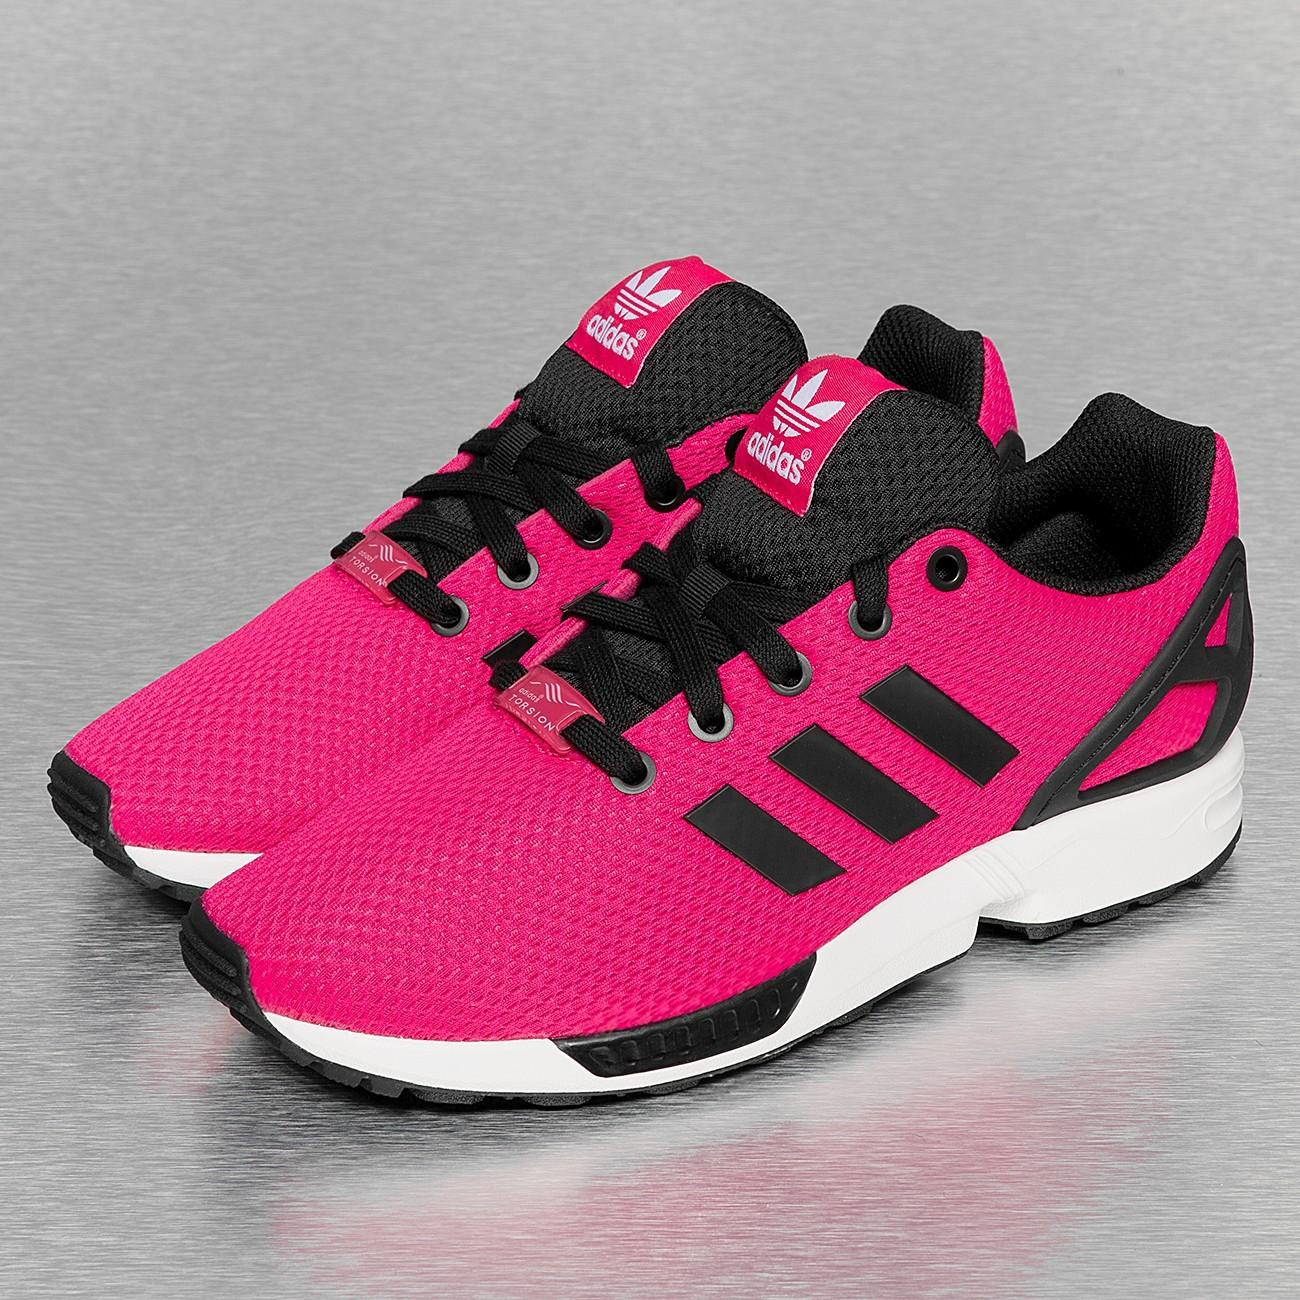 adidas zx flux femme rose